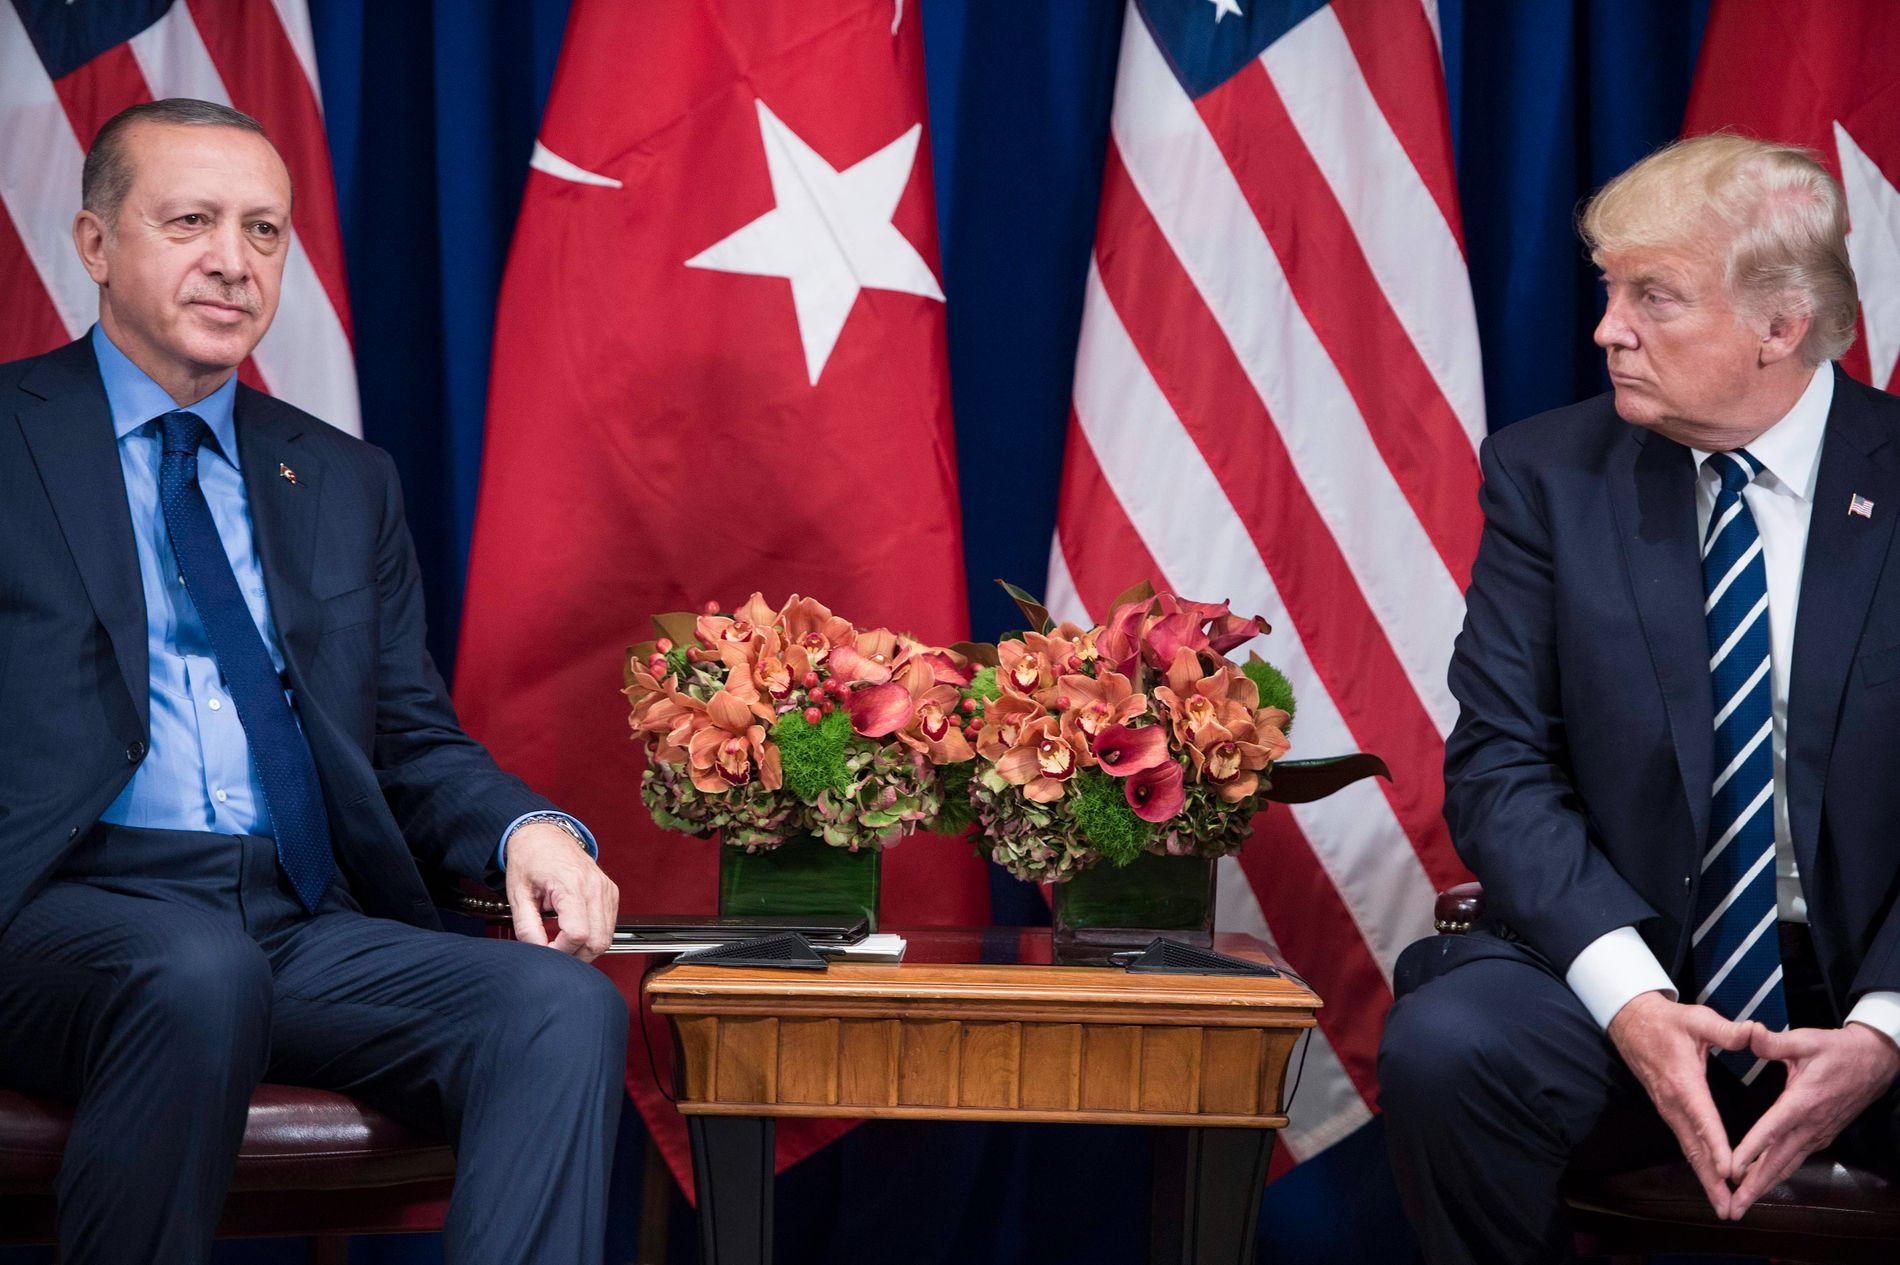 KJØLIGERE: Tyrkias president Recep Tayyip Erdogan og president Donald Trump har mistet sin gode tone. Her under FNs generalforsamling i New York i september.